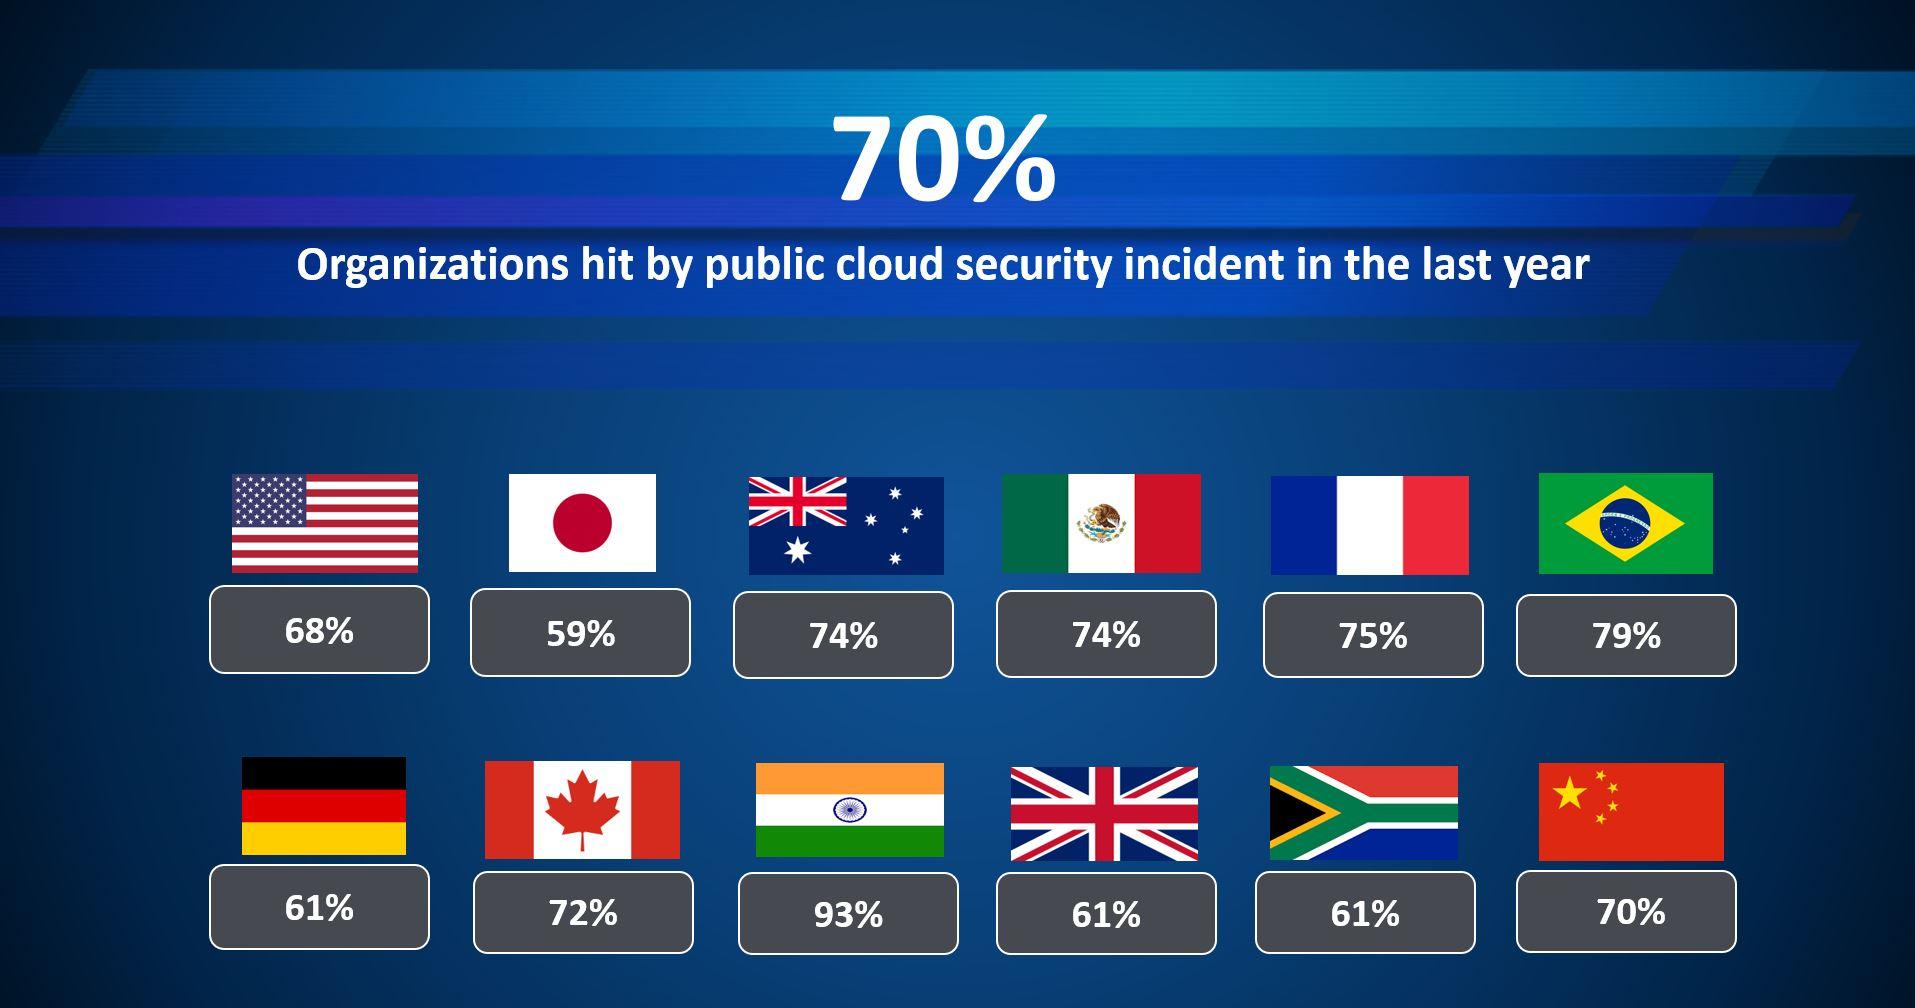 Data Security spielt eine wichtige Rolle für Unternehmen